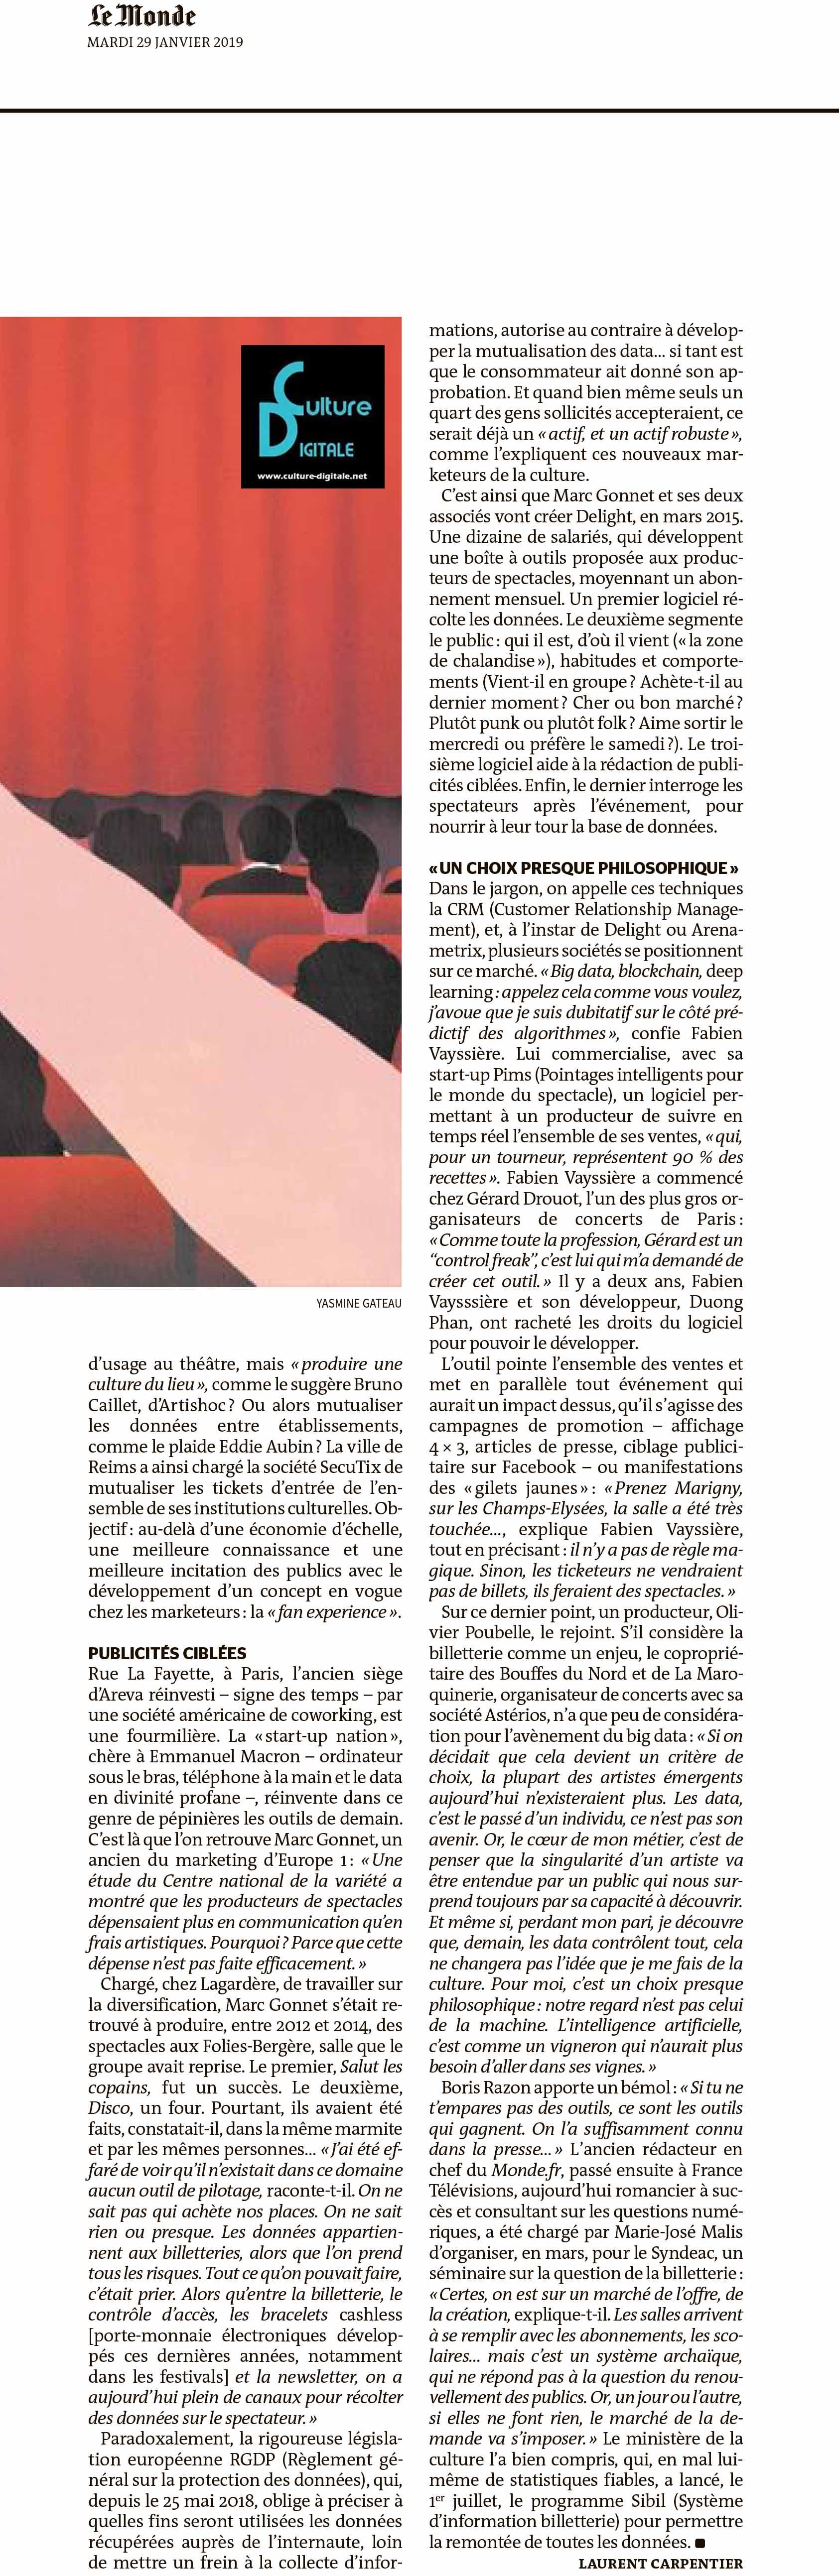 Le big data, planche à billet du spectacle Le big data, planche à billet du spectacle 2 le big data planche billet du spectacle www